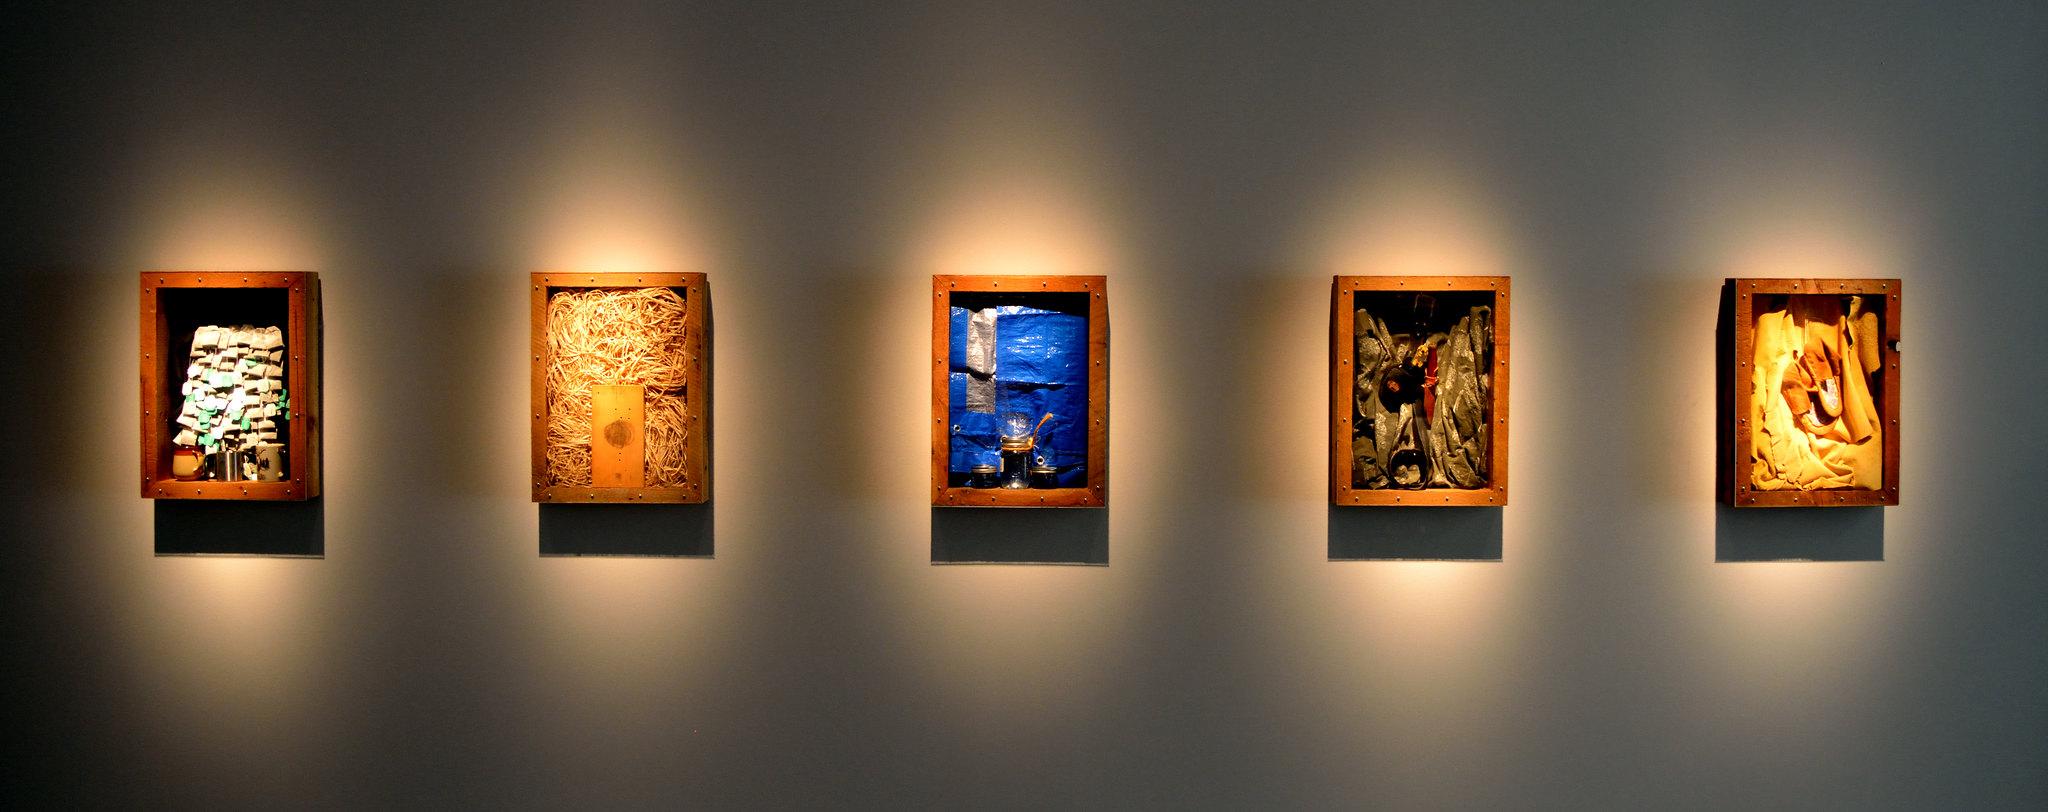 Art gallery of Alberta Edmonton